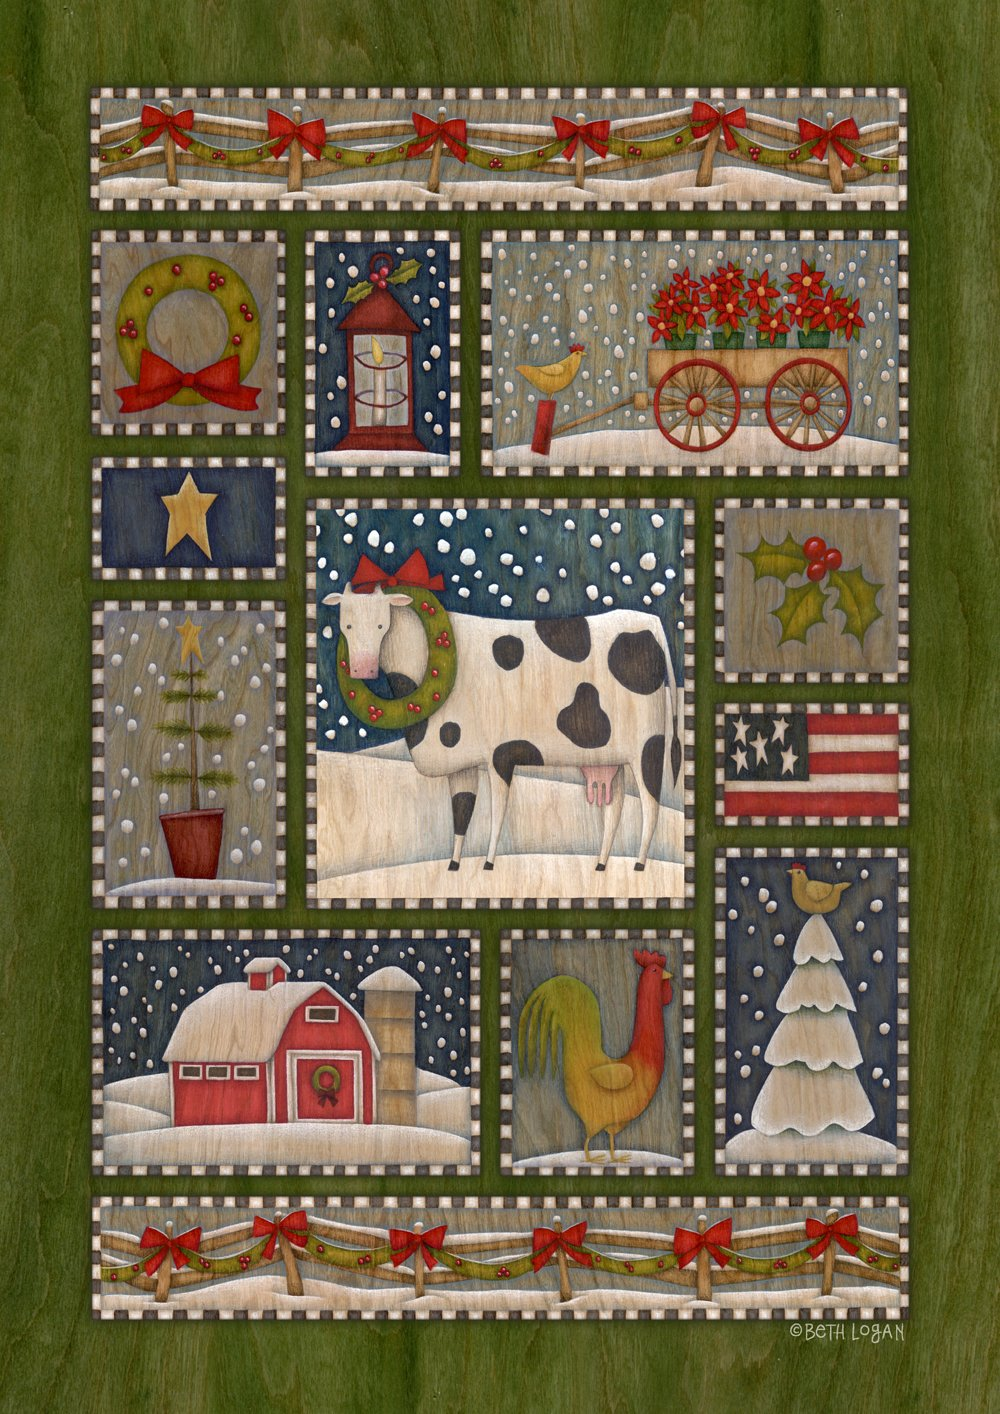 Toland Home Garden Festive Farm 12.5 x 18 Inch Decorative Americana Country Christmas Winter Barnyard Garden Flag